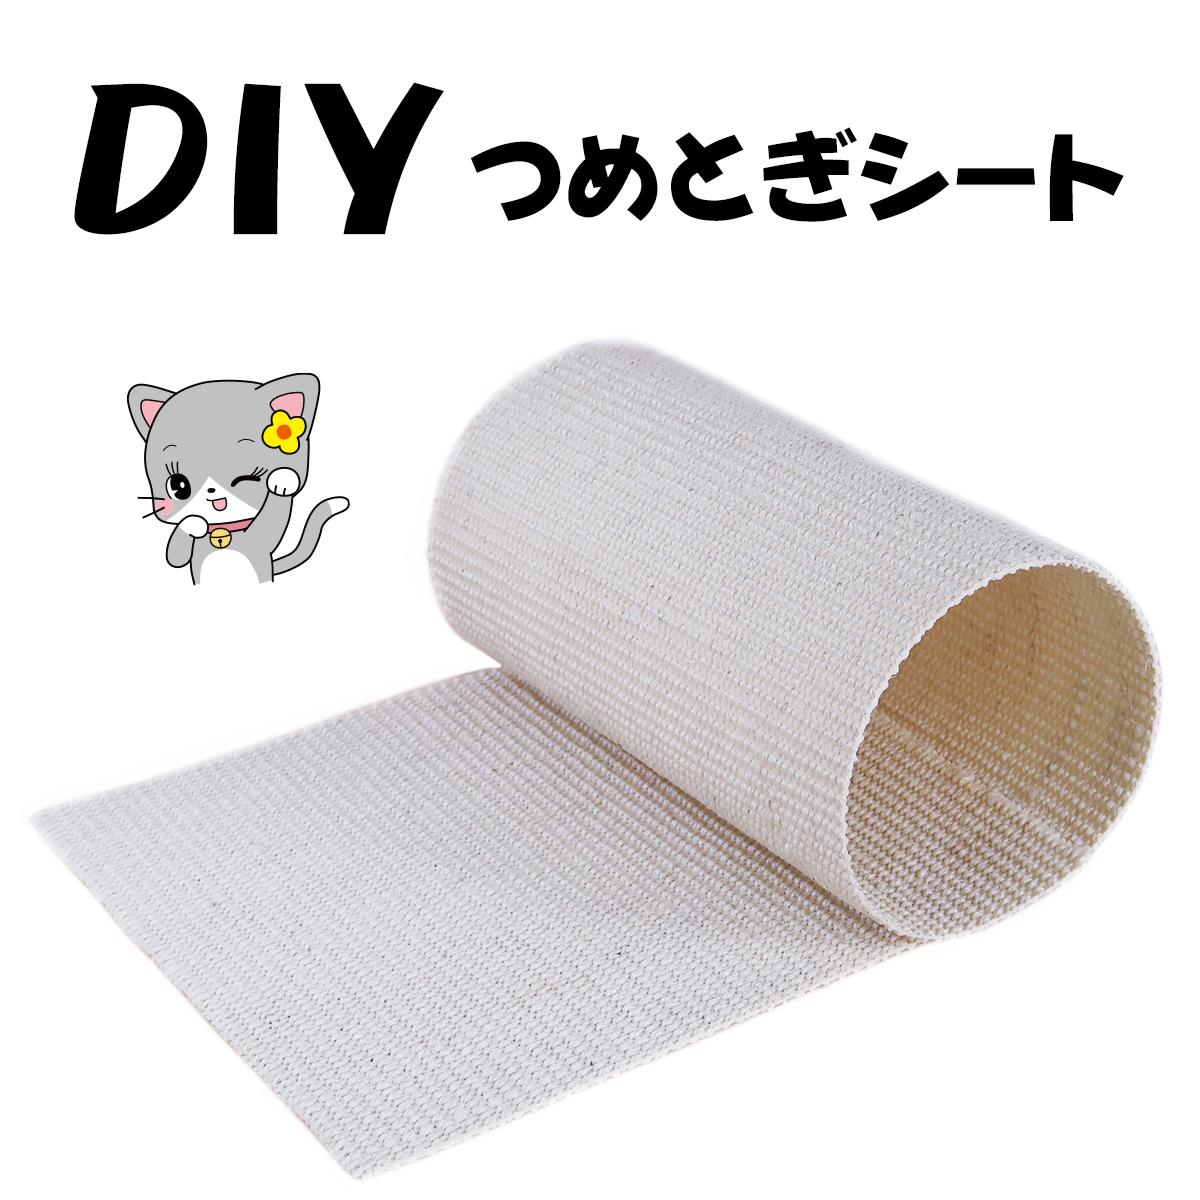 猫の爪とぎ専用に作った丈夫な麻シートです ※アウトレット品 国内正規品 送料無料でお届けします 猫用DIY裁ち切り爪とぎシート